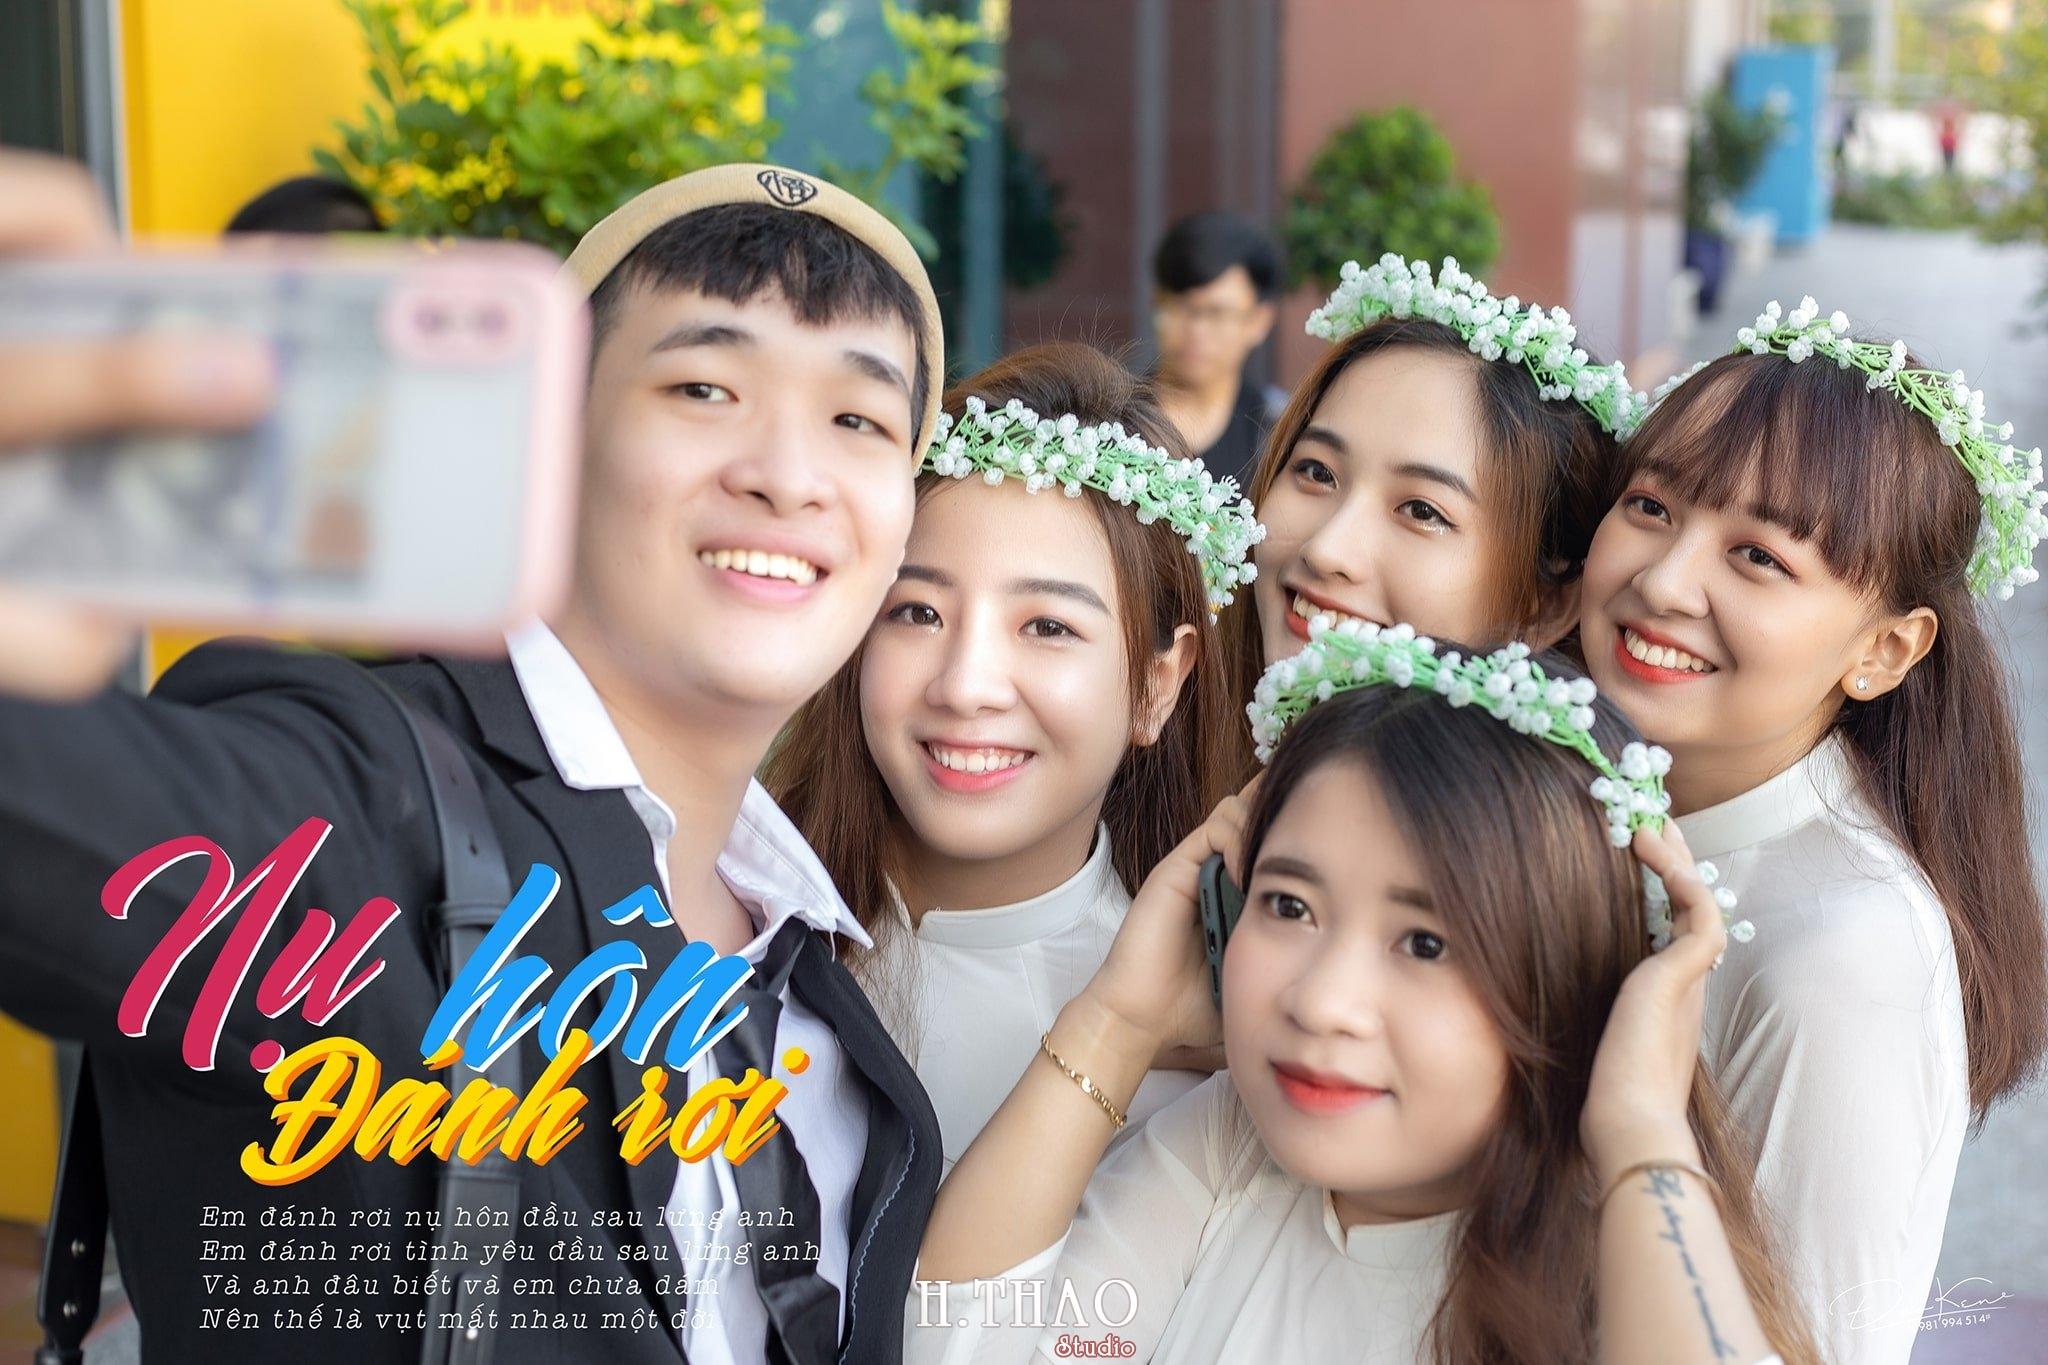 """Ky yeu lop 17C7 25 min - Bộ ảnh kỷ yếu """"siêu chất"""" của sinh viên HuTech - HThao Studio"""